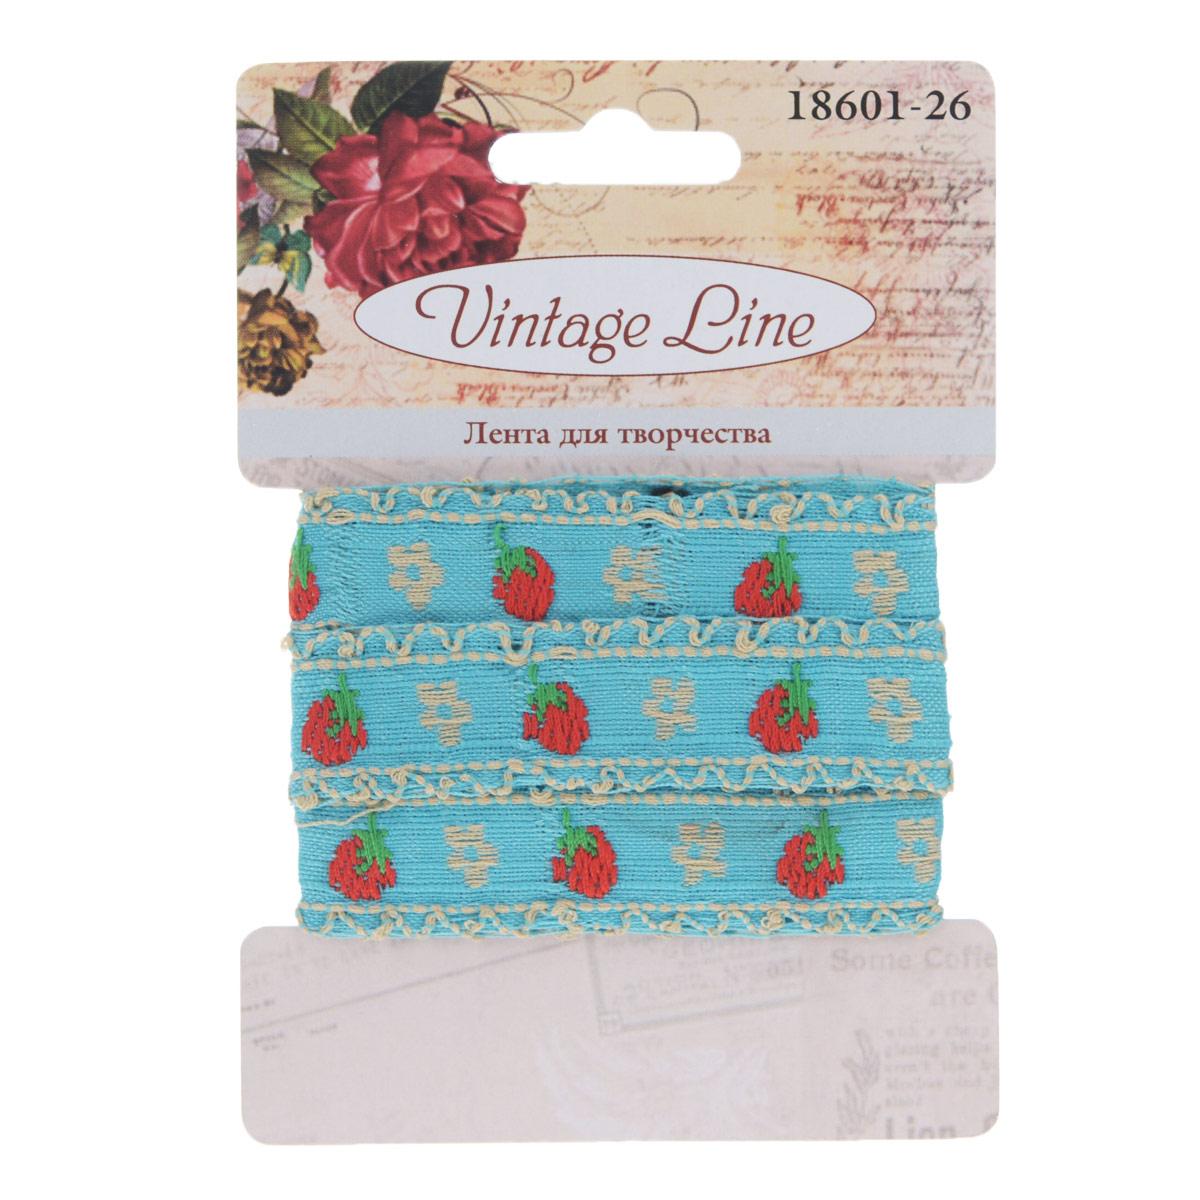 Лента декоративная Vintage Line, 1,5 см х 100 см. 77096747709674Декоративная лента Vintage Line выполнена из текстиля и оформлена вышивкой ягод и цветков. Такая лента идеально подойдет для оформления различных творческих работ таких, как скрапбукинг, аппликация, декор коробок и открыток и многое другое. Лента наивысшего качества практична в использовании. Она станет незаменимым элементом в создании рукотворного шедевра. Ширина: 1,5 см. Длина: 1 м.